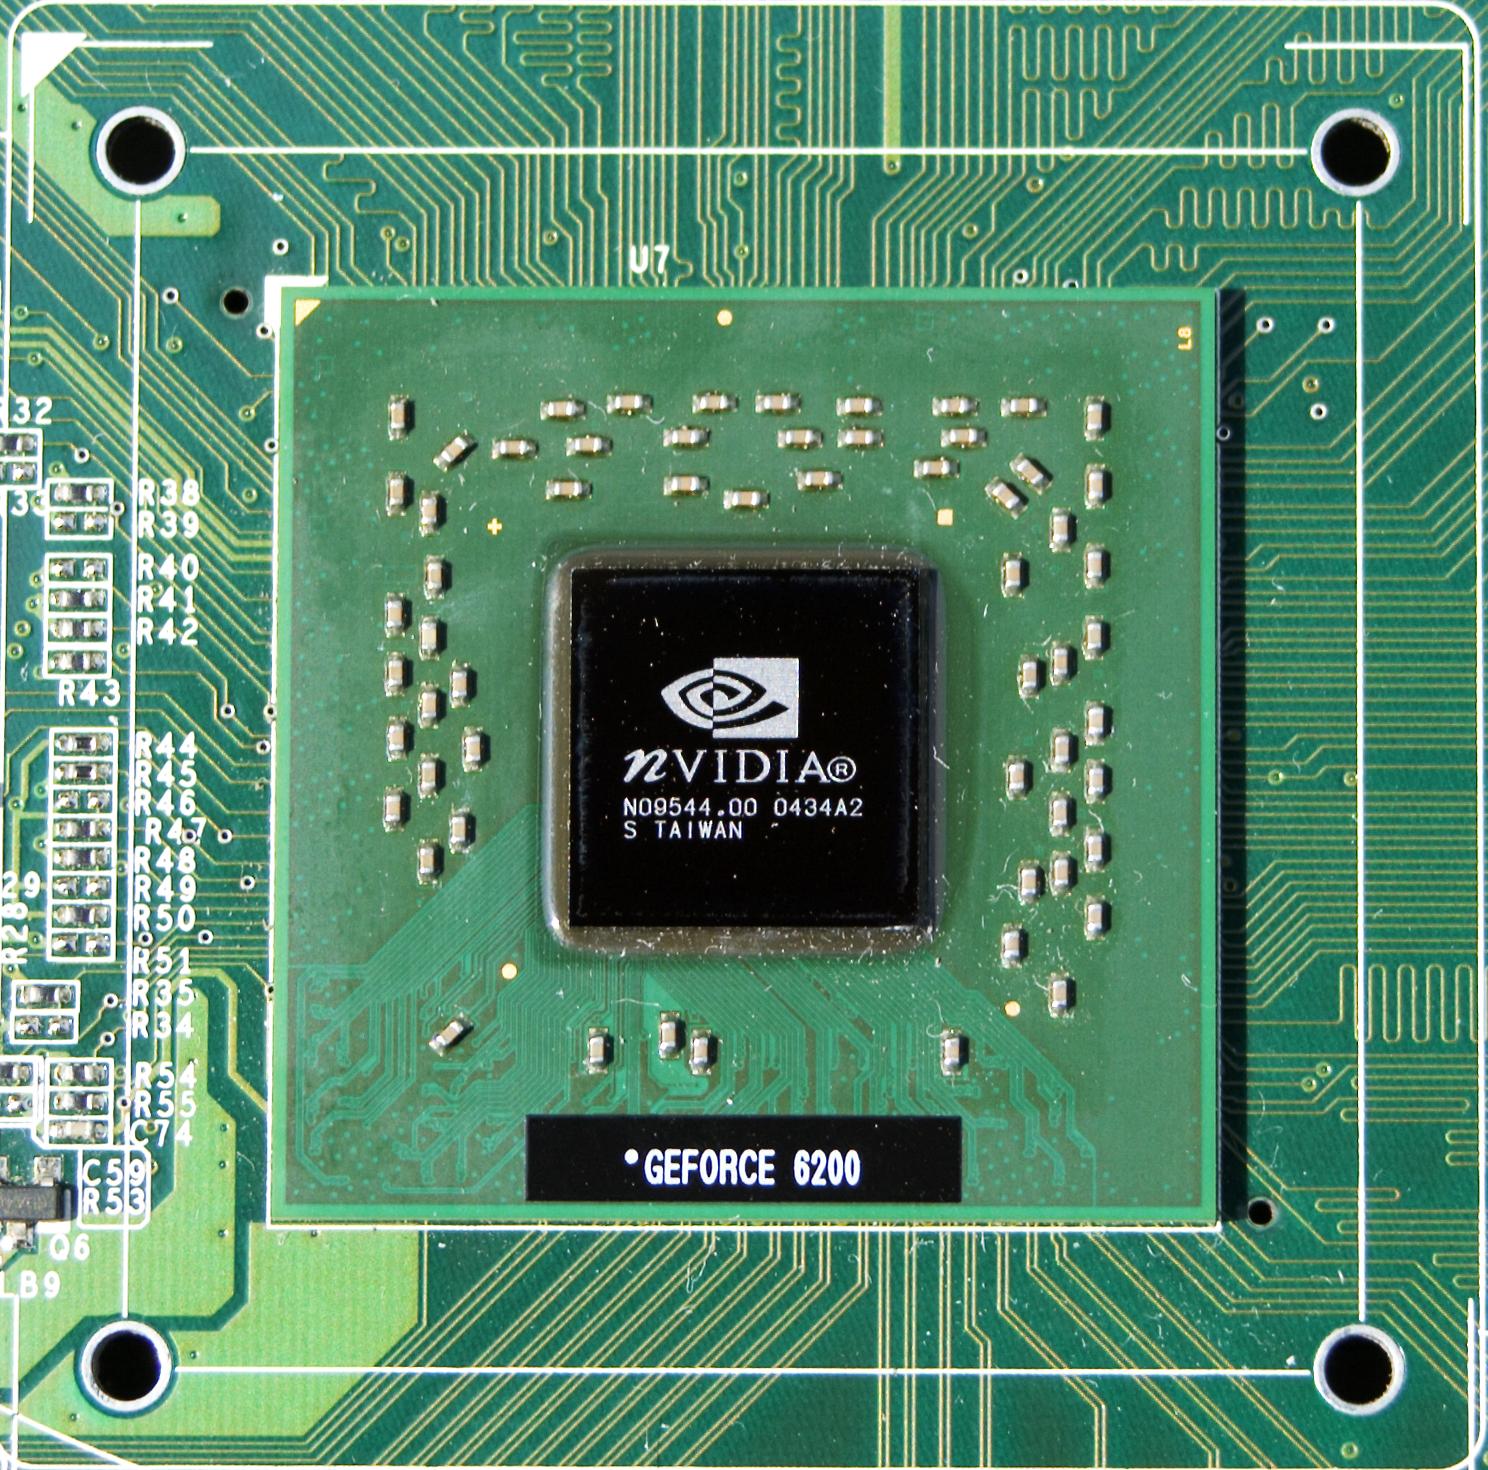 تحميل برنامج GeForce AA Set, رابط مباشر thumbnail